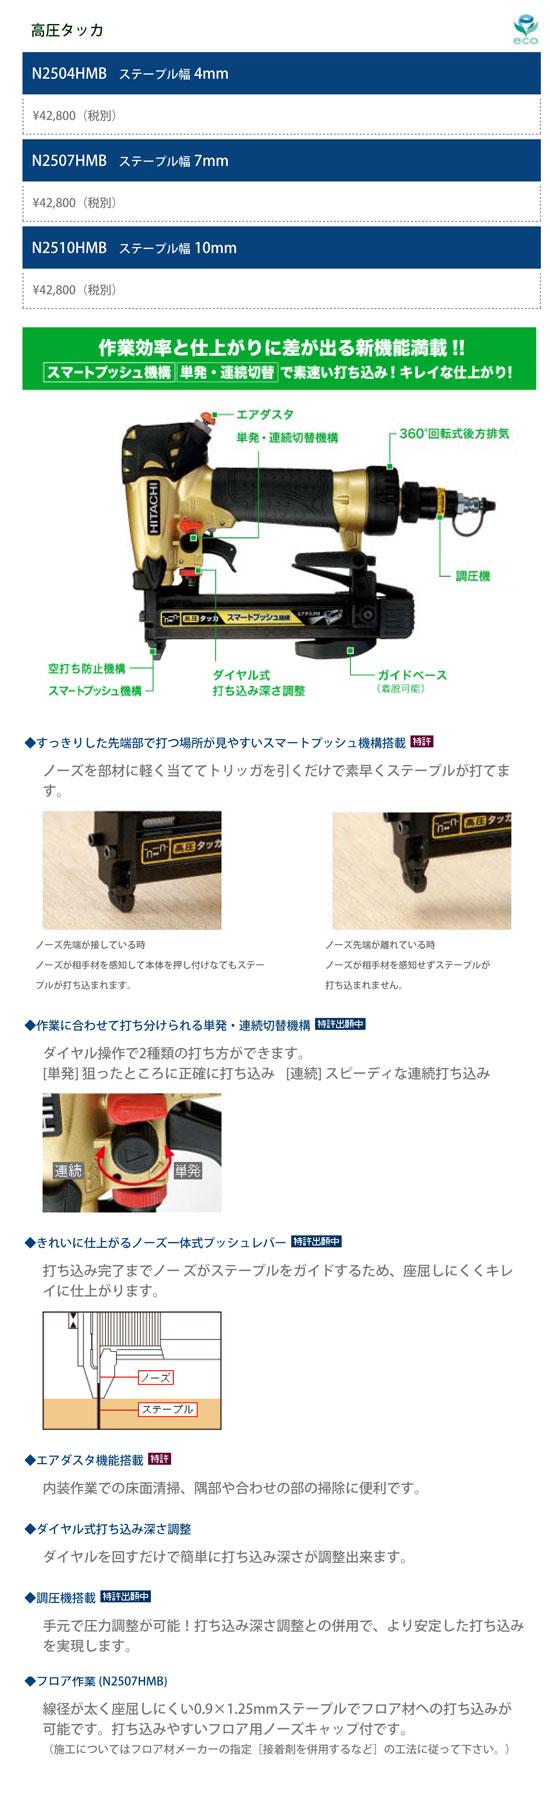 N2504HMB 2507 2510 商品詳細